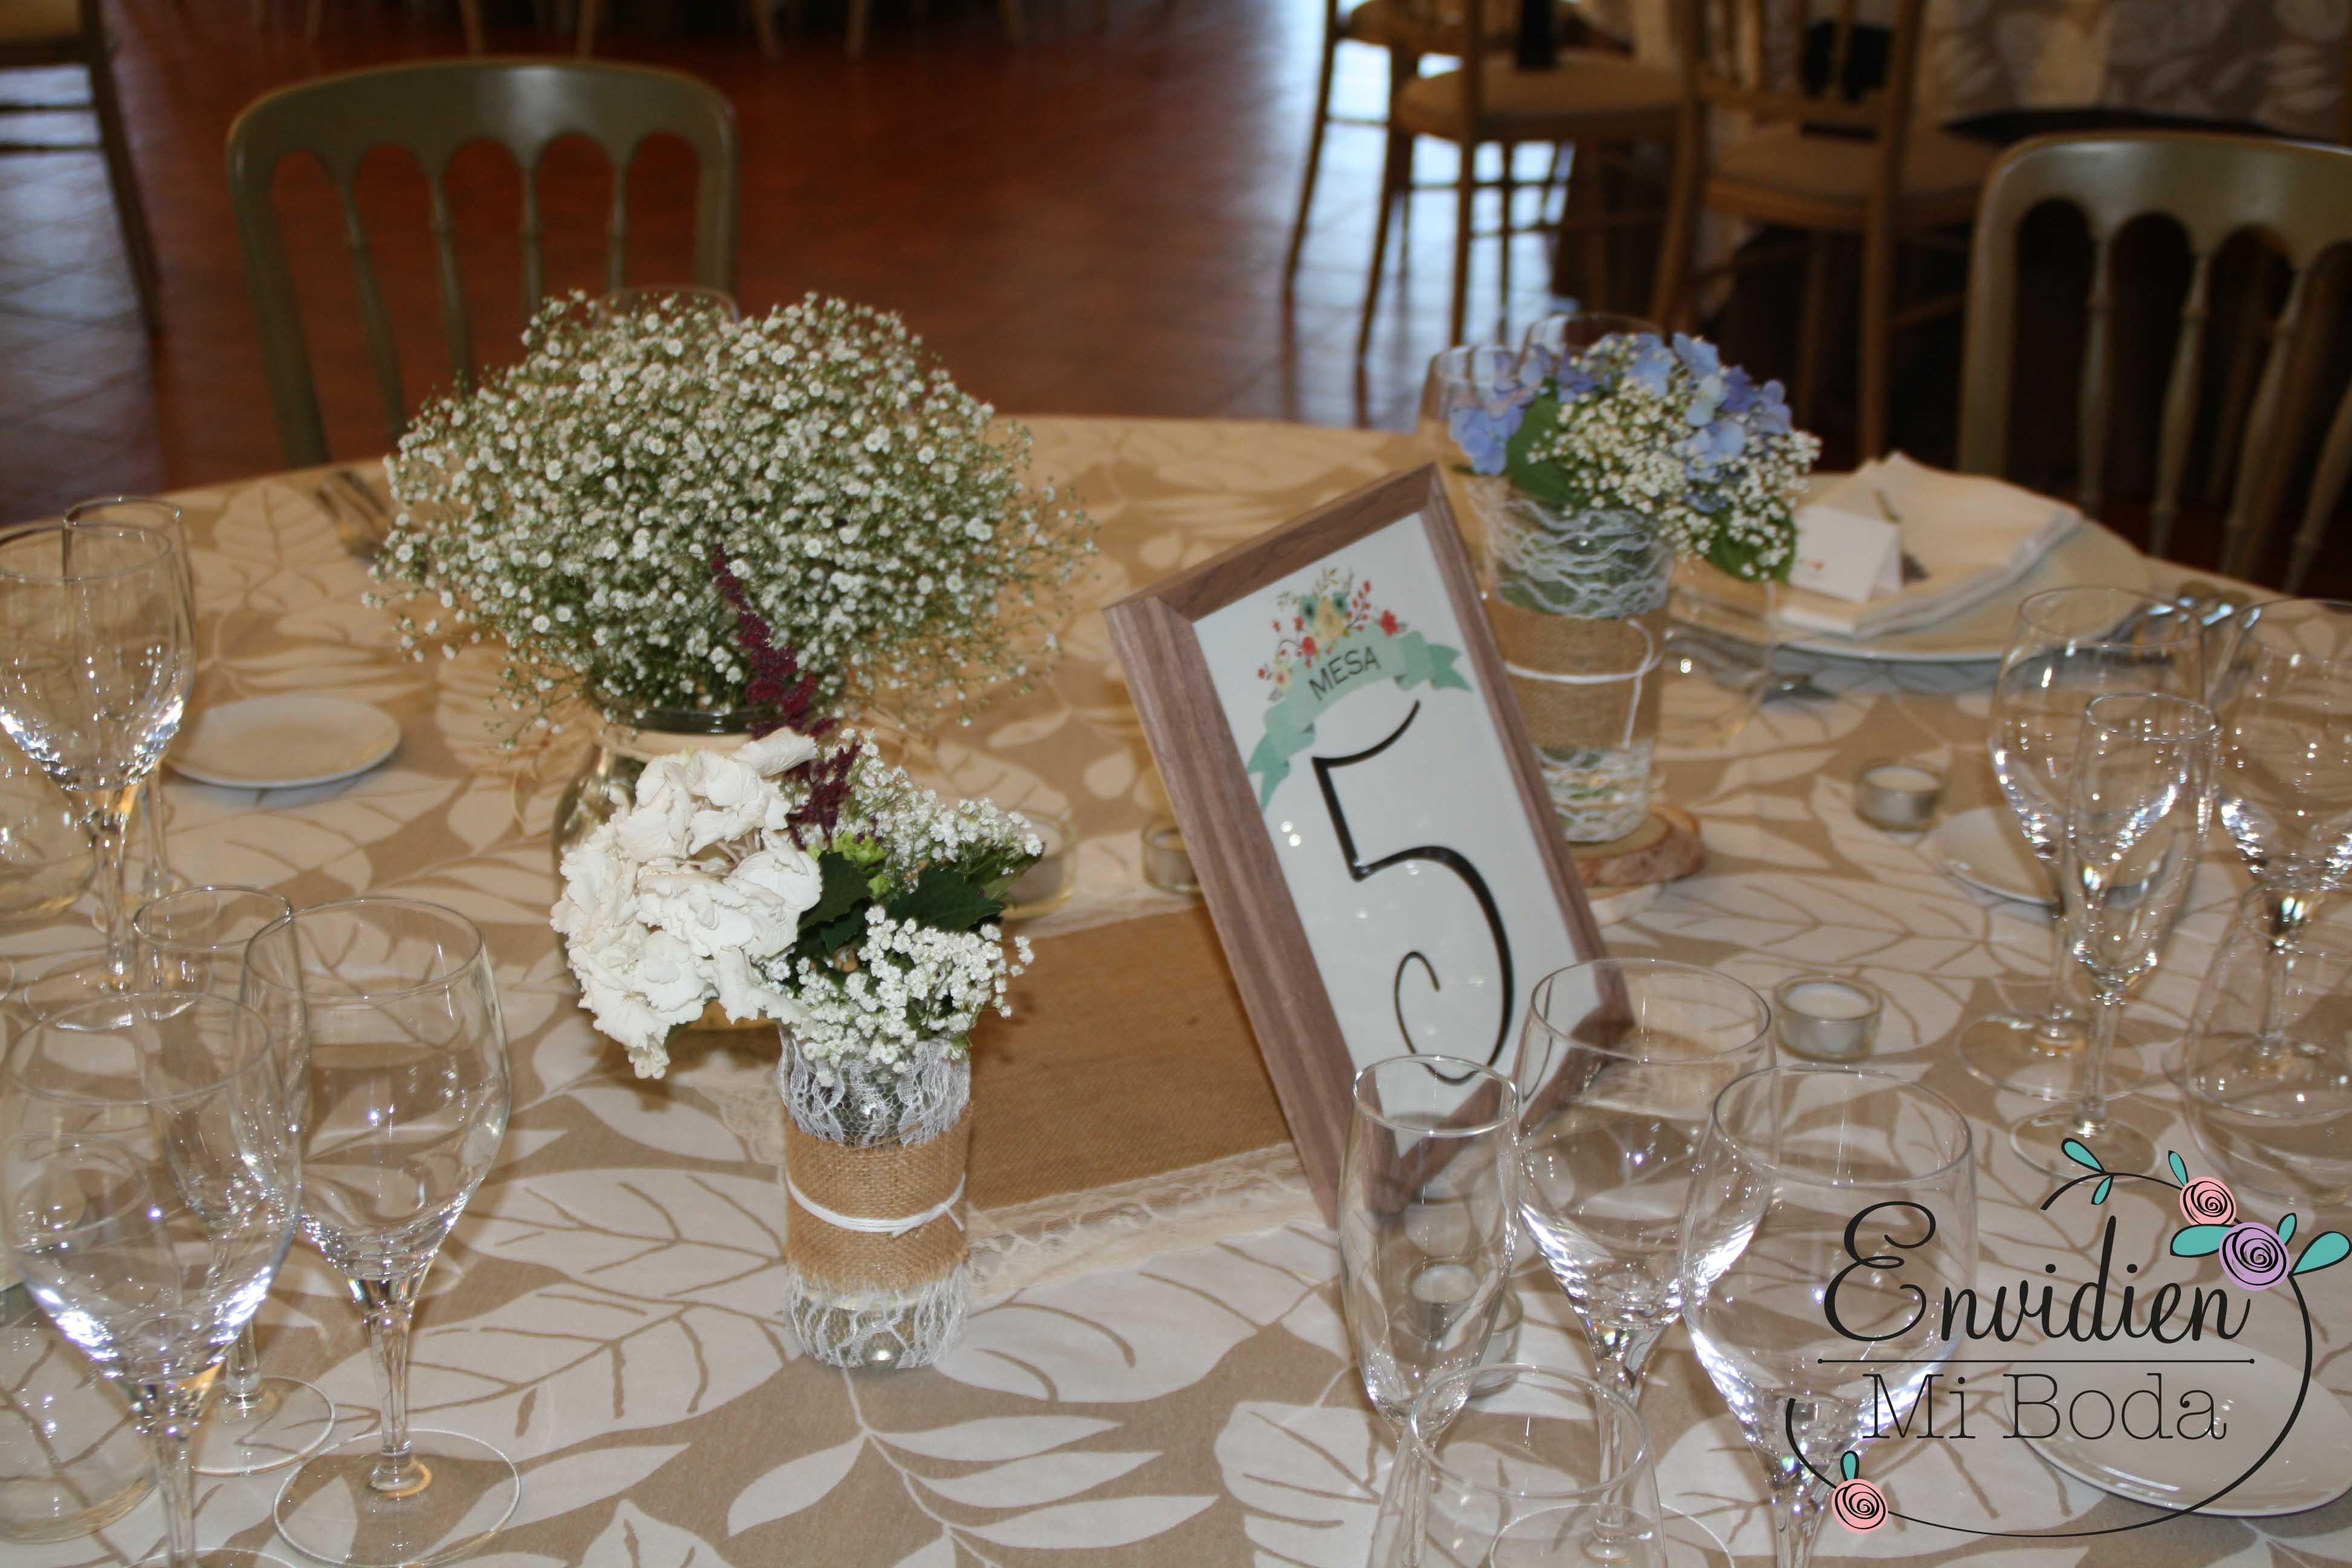 La boda de marta alberto centros de mesa y mesa - Centros para mesa ...